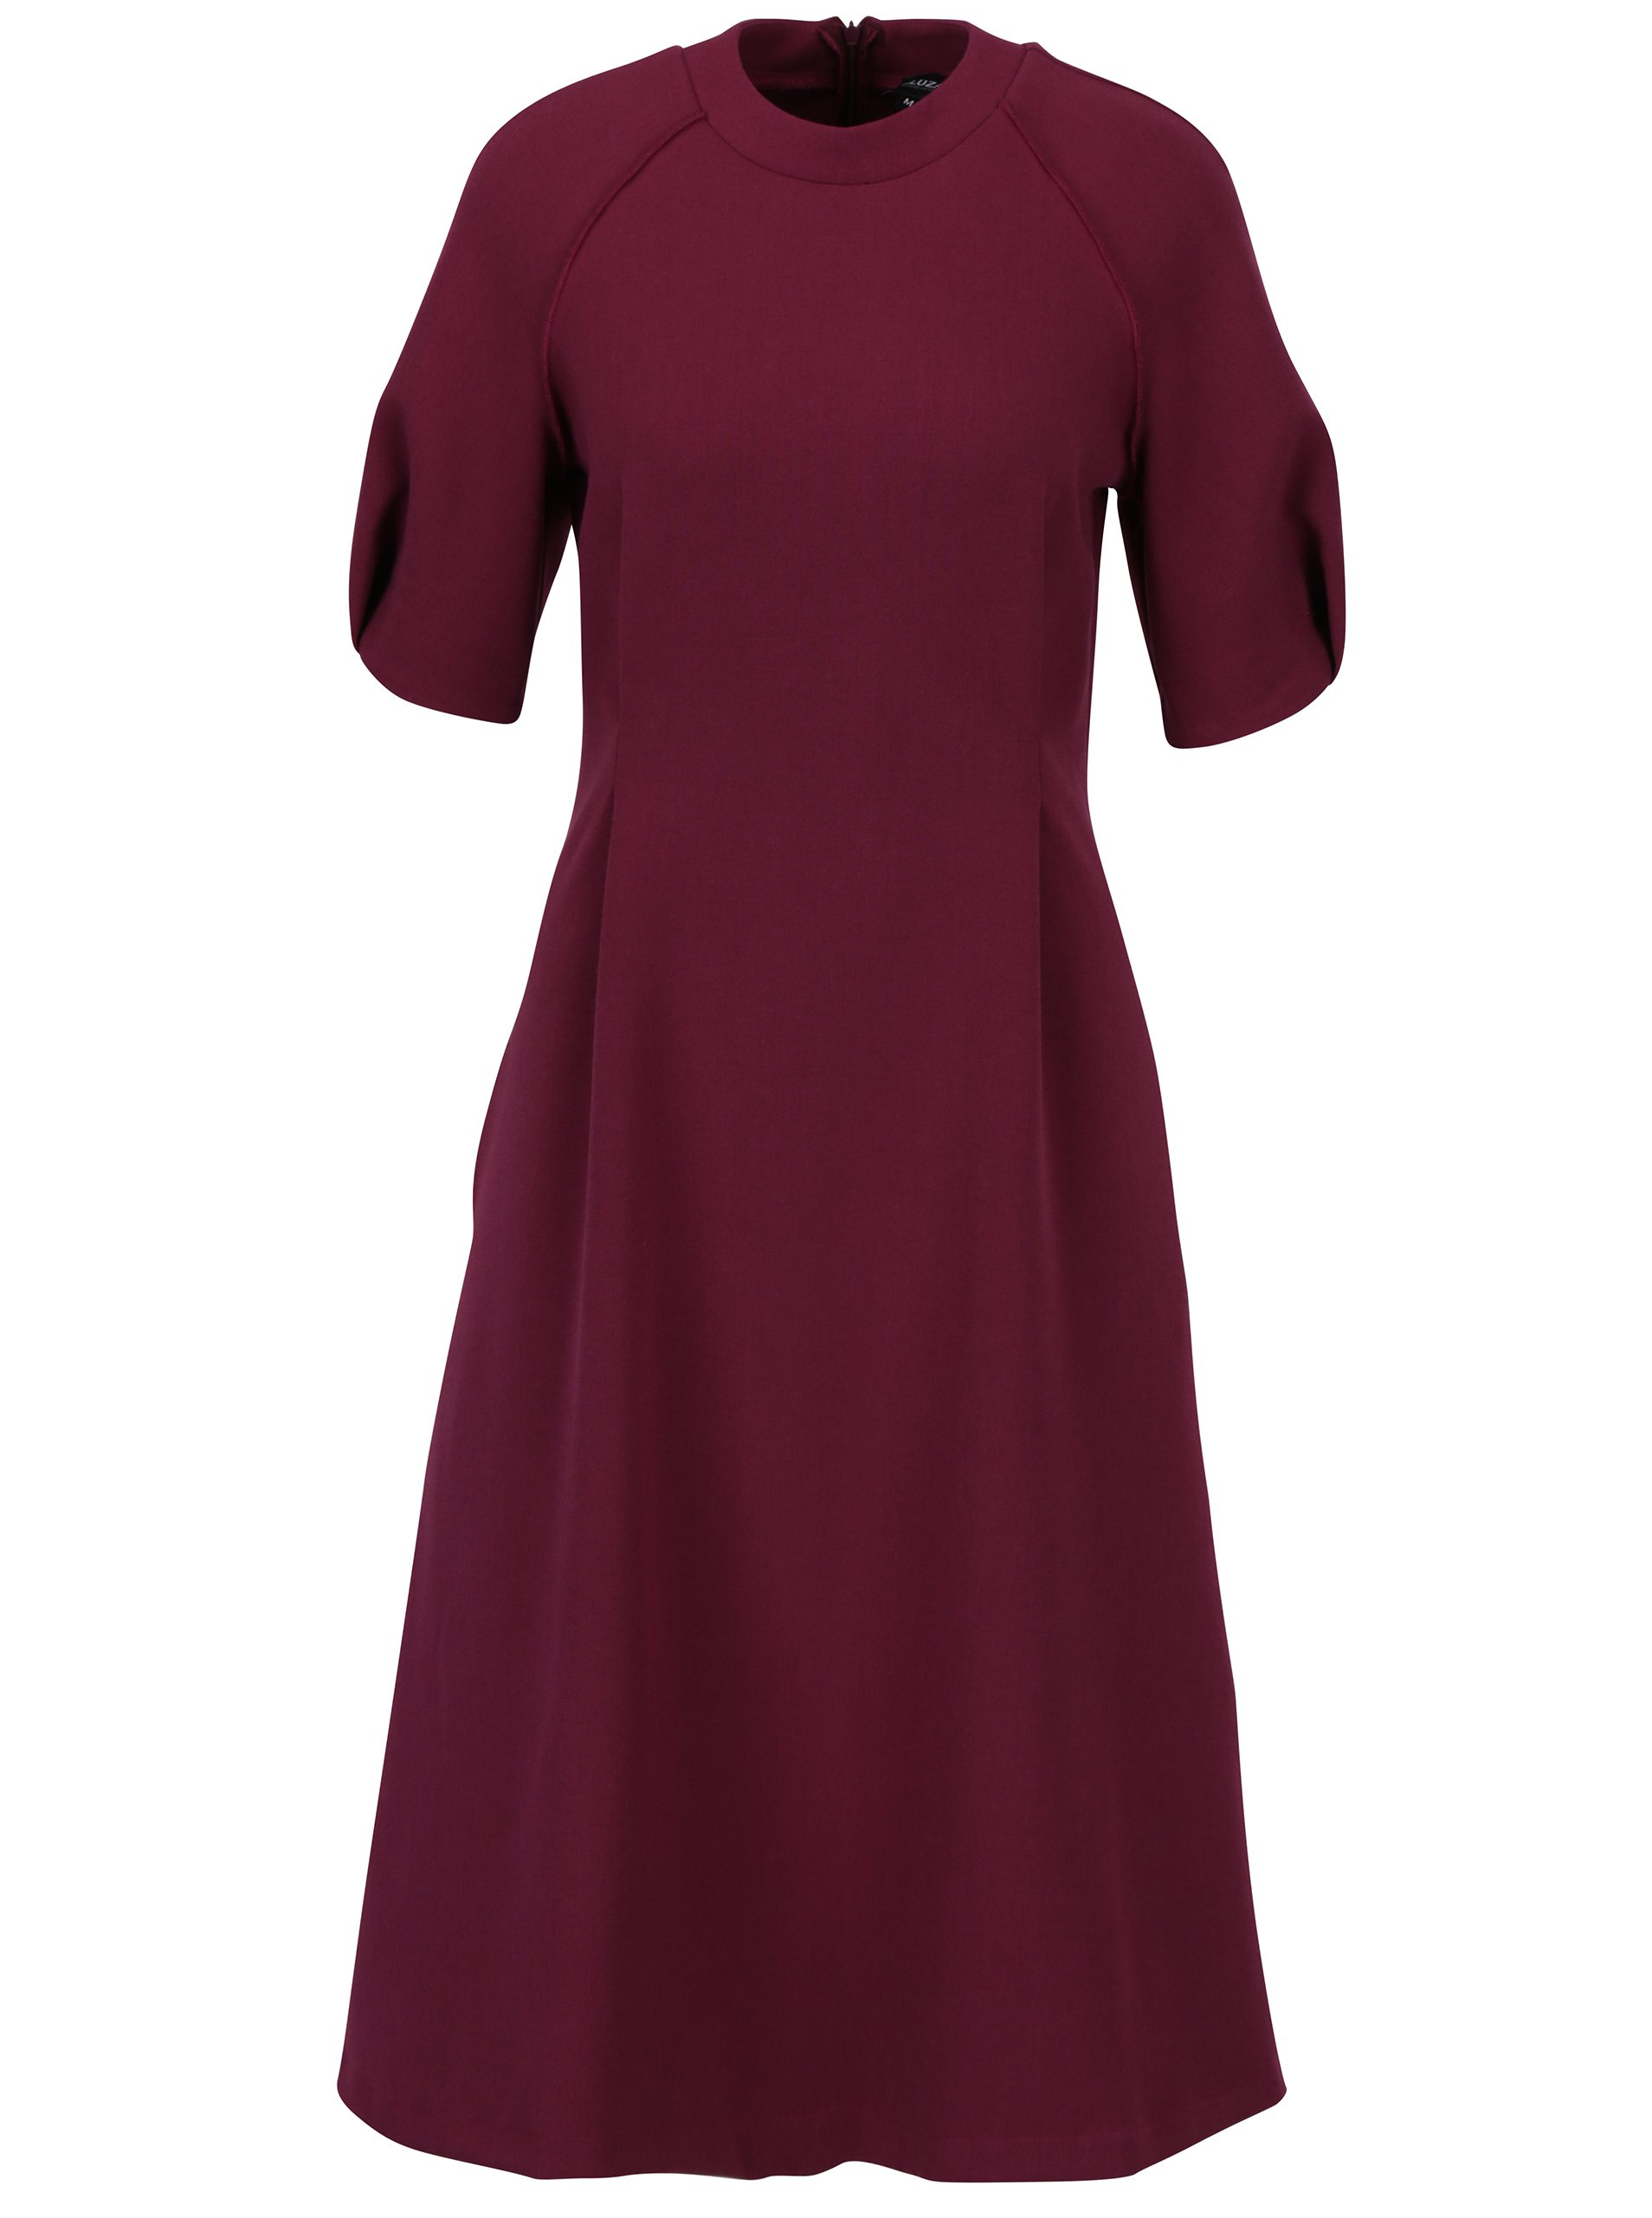 Fialové áčkové šaty s kapsami Bluzat